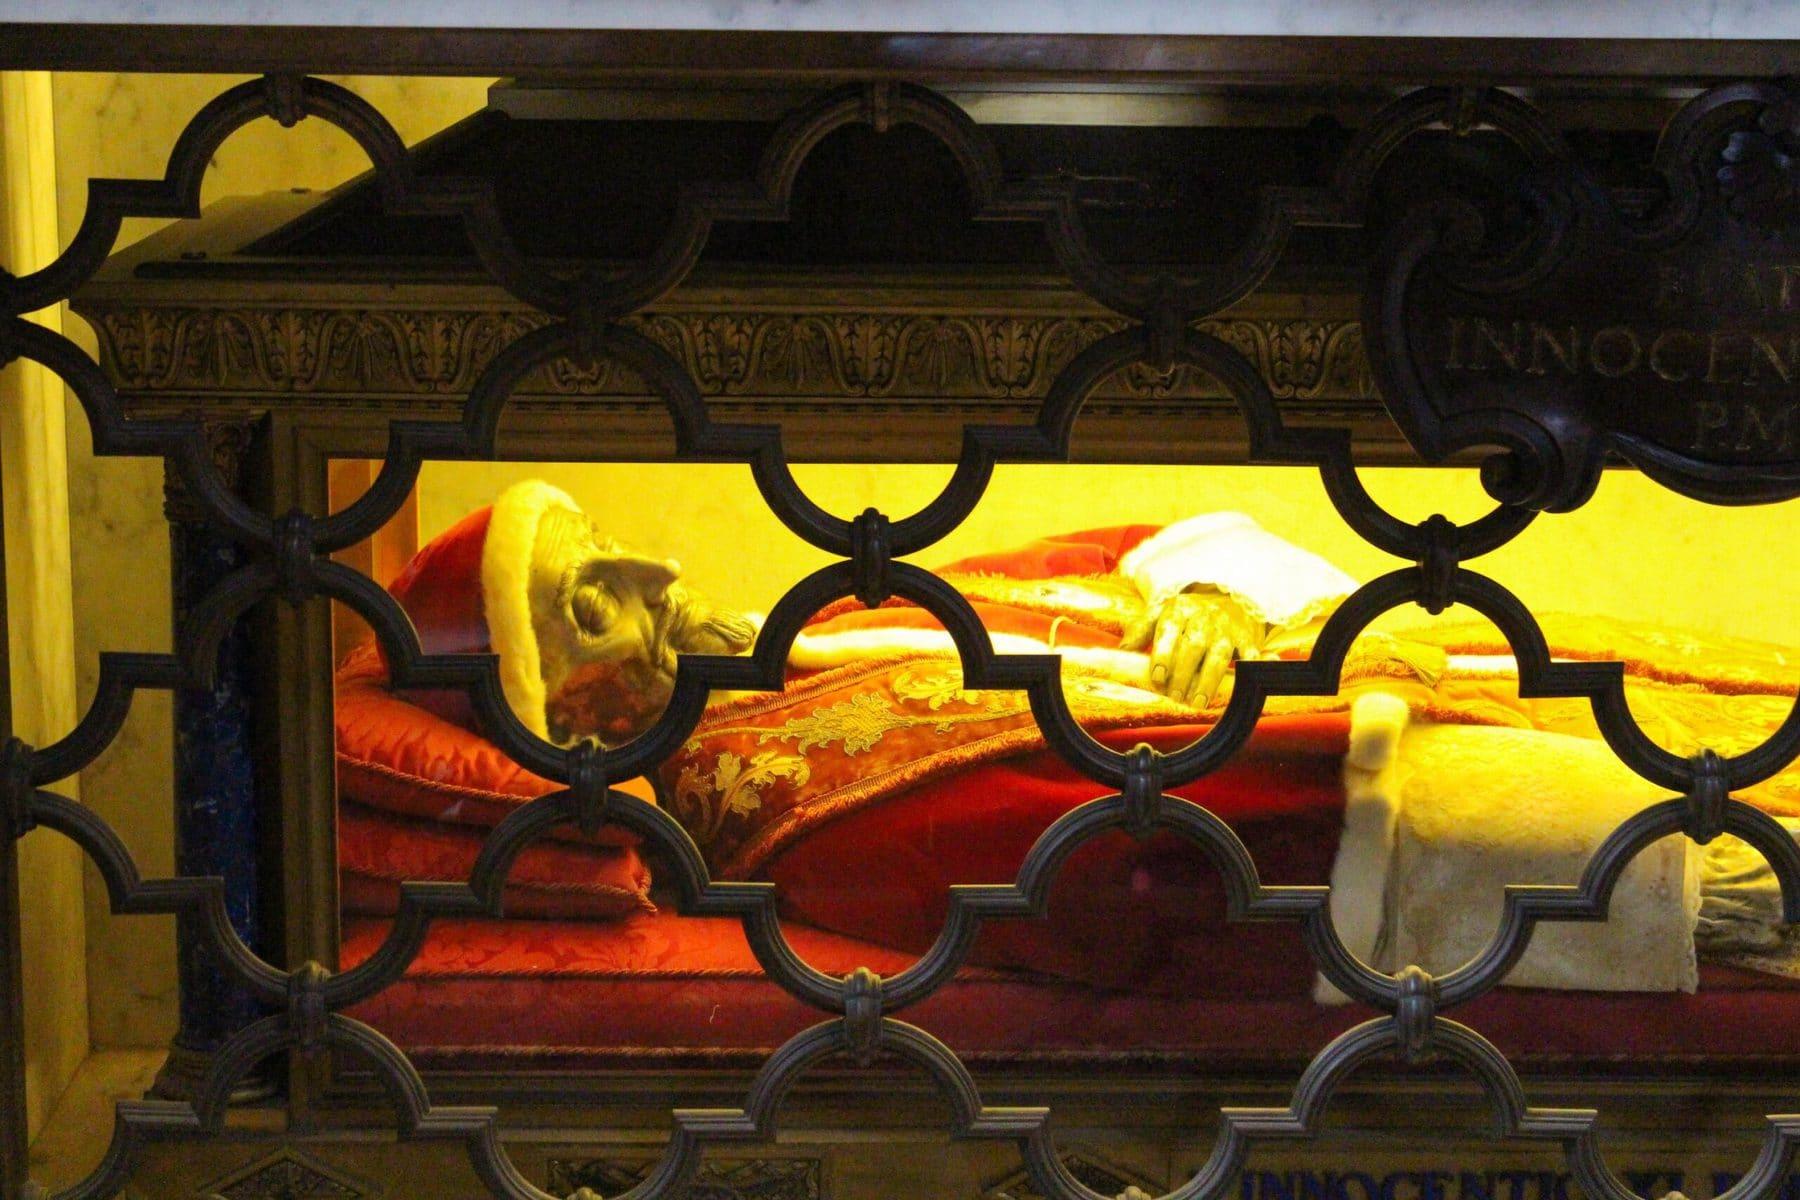 Grabmal eines Papstes im Petersdom, Rom: echt oder Wachsfigur